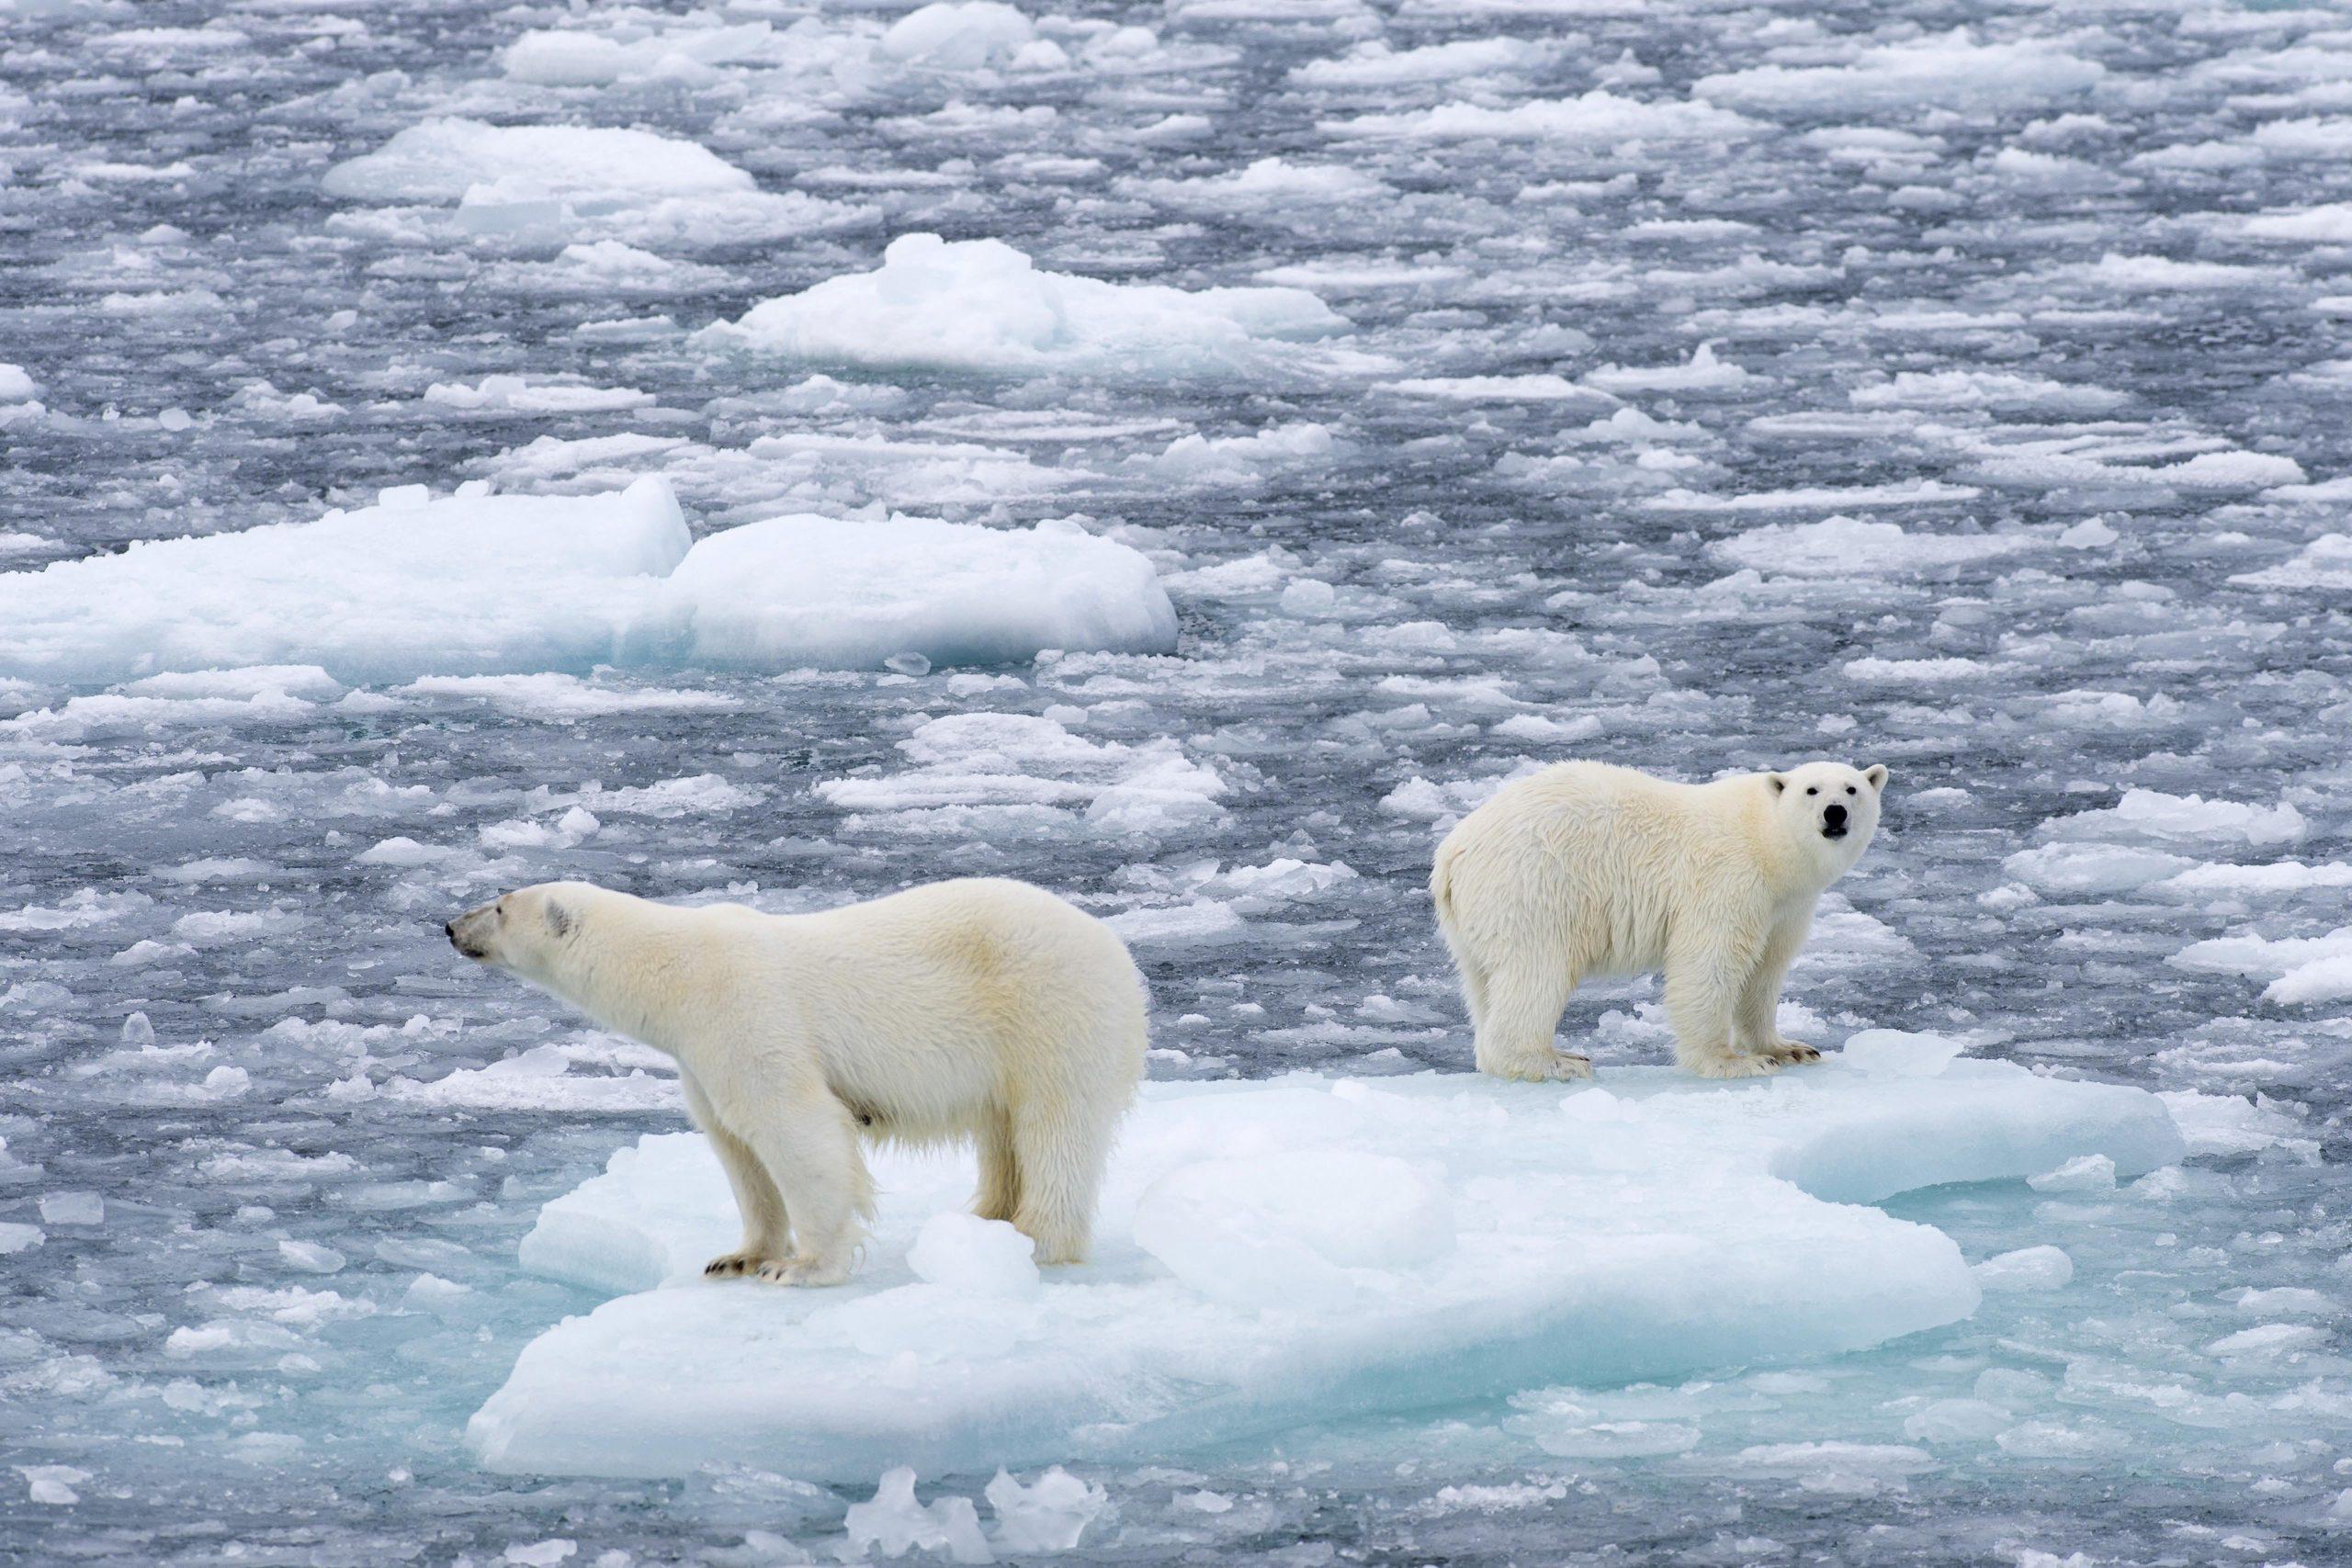 Eisbären (Ursus maritimus), Weibchen und Jungtier auf einer Eisscholle im Packeis, Insel Spitzbergen, Inselgruppe Spitzbergen, Svalbard und Jan Mayen, Norwegen, Europa / dpa